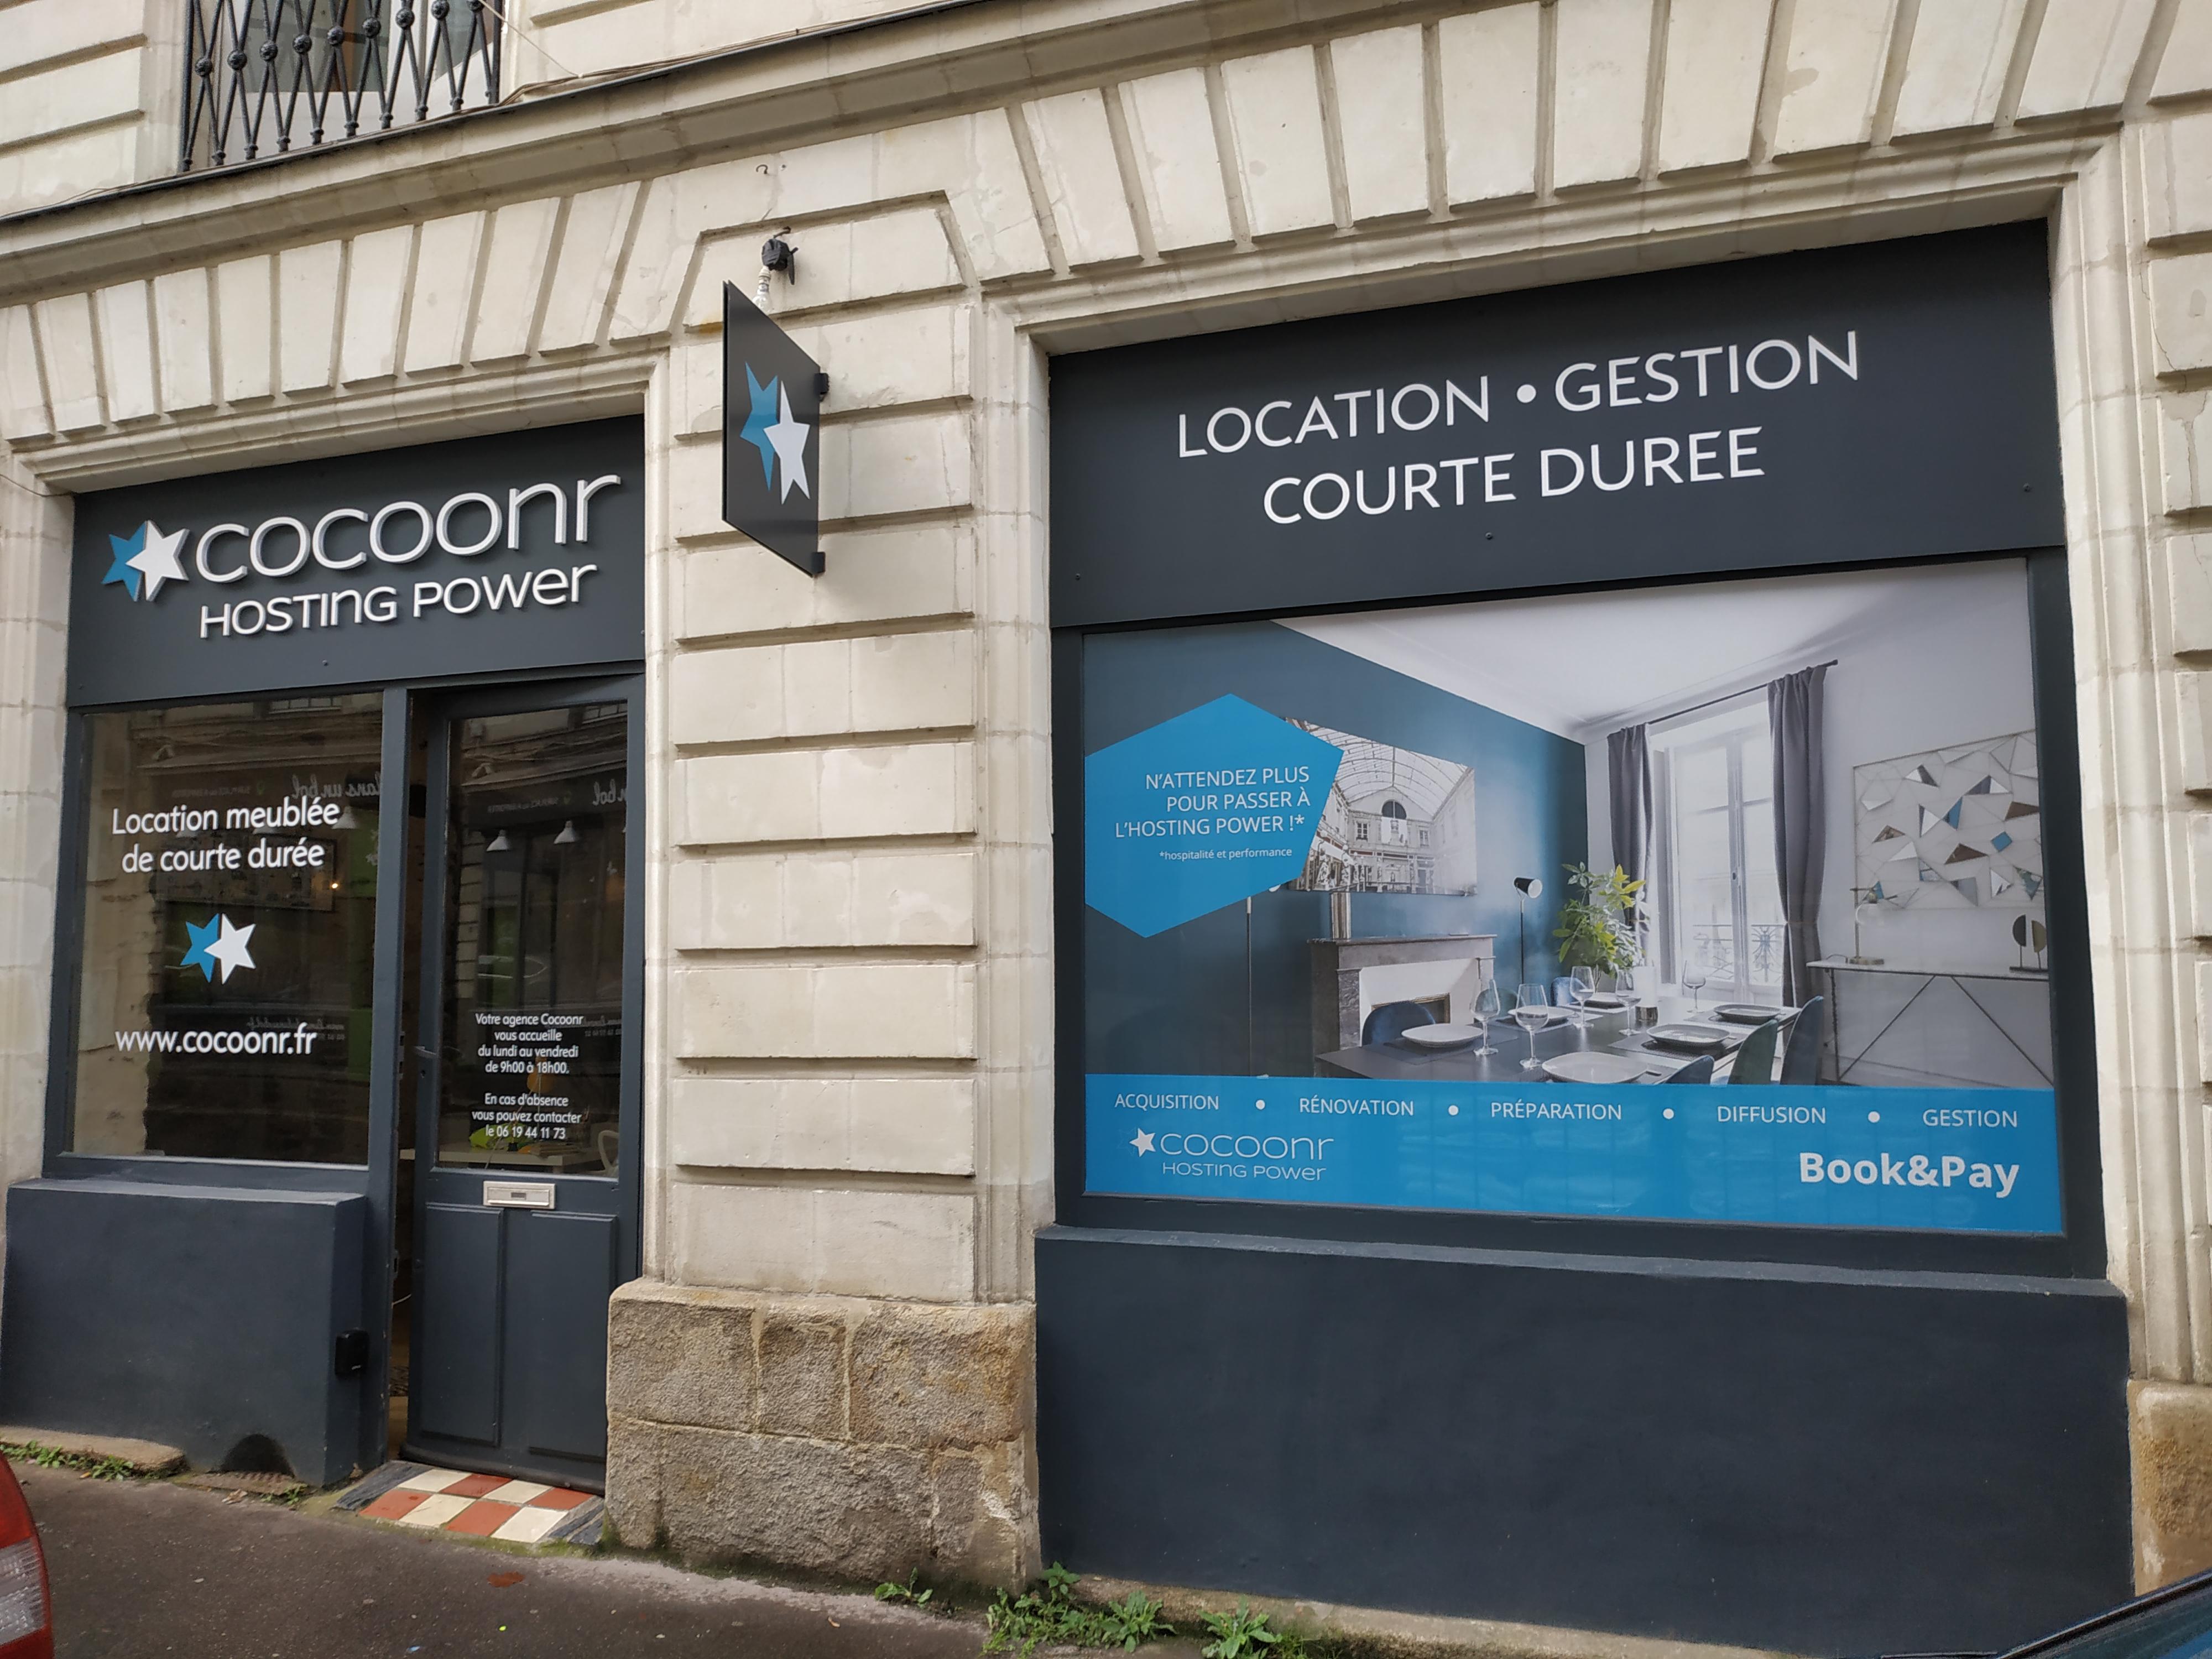 Photo Agence Cocoonr - Conciergerie Airbnb à Nantes